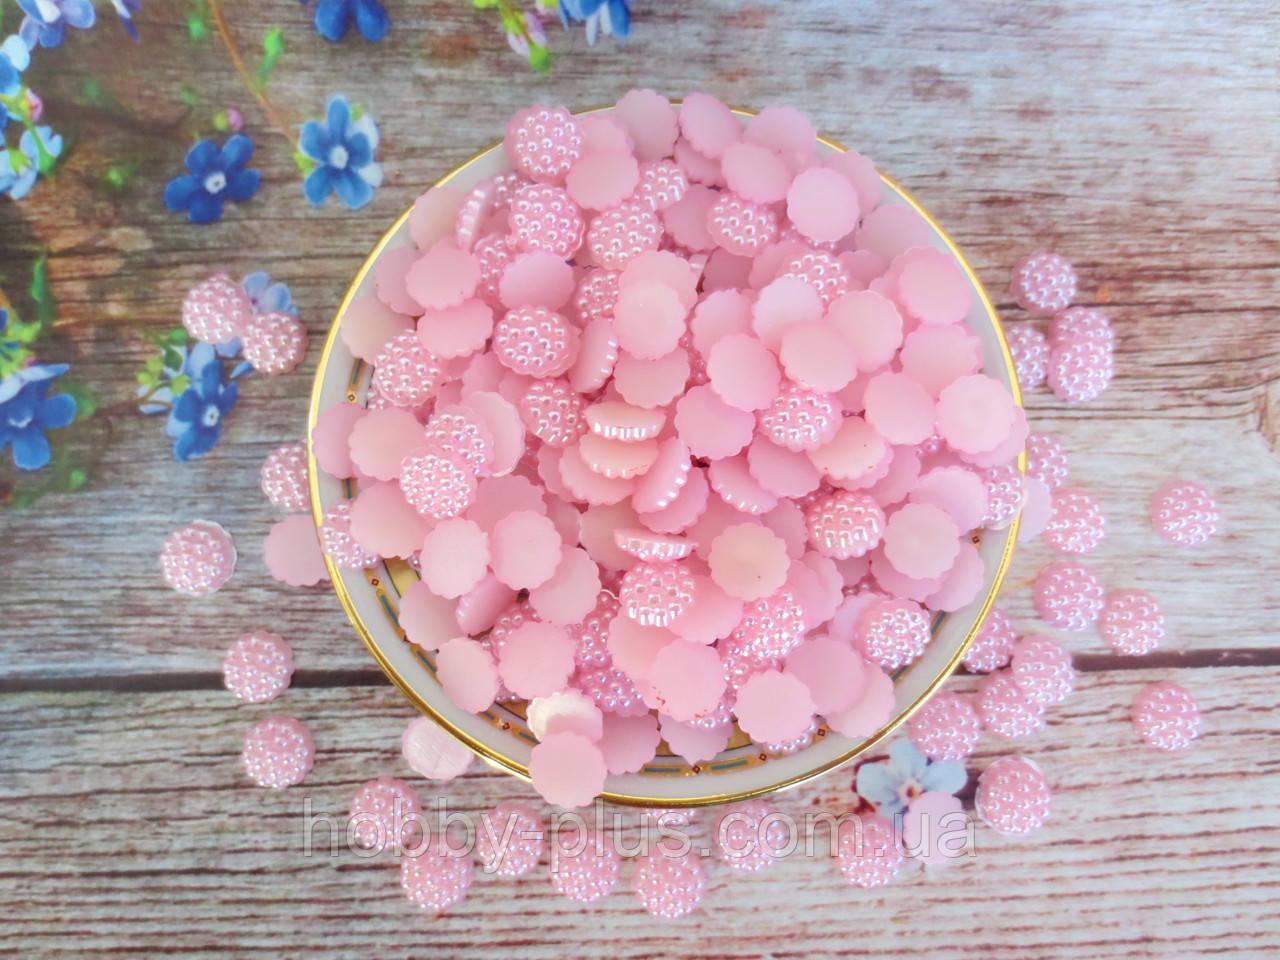 Клеевой декор в пупырышку, 10 мм, цвет розовый, 20 шт.